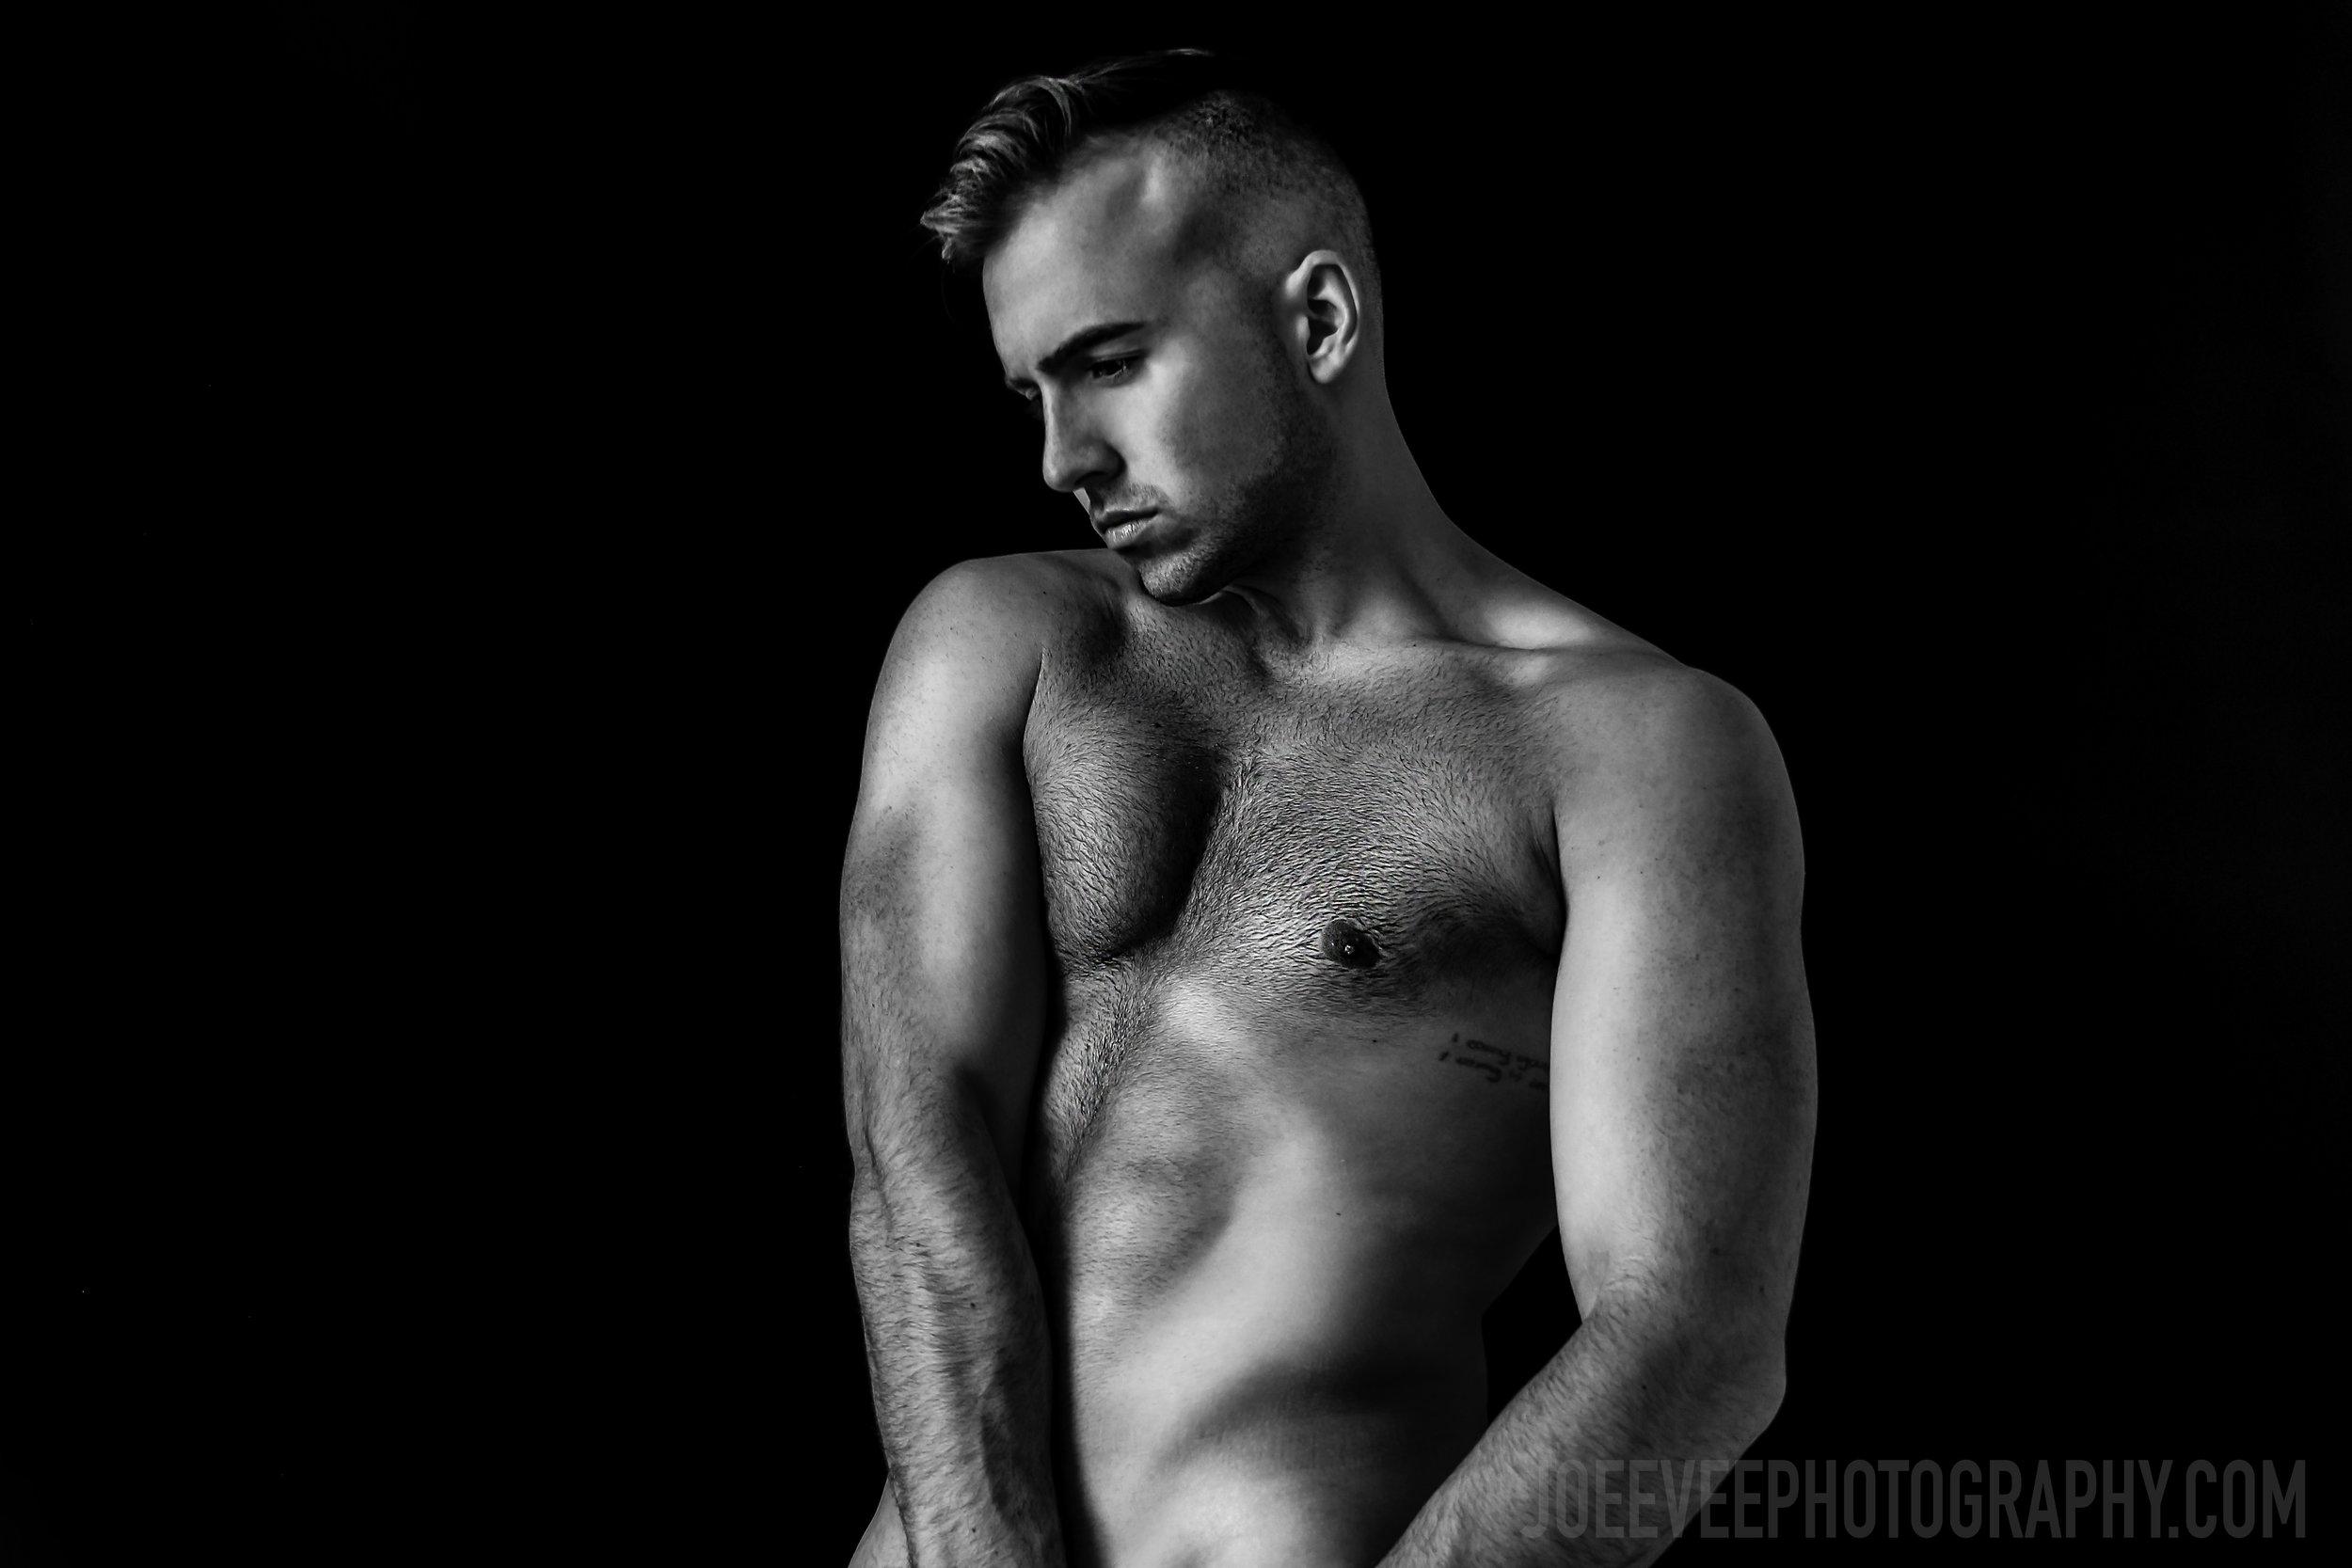 Joee Vee Photography